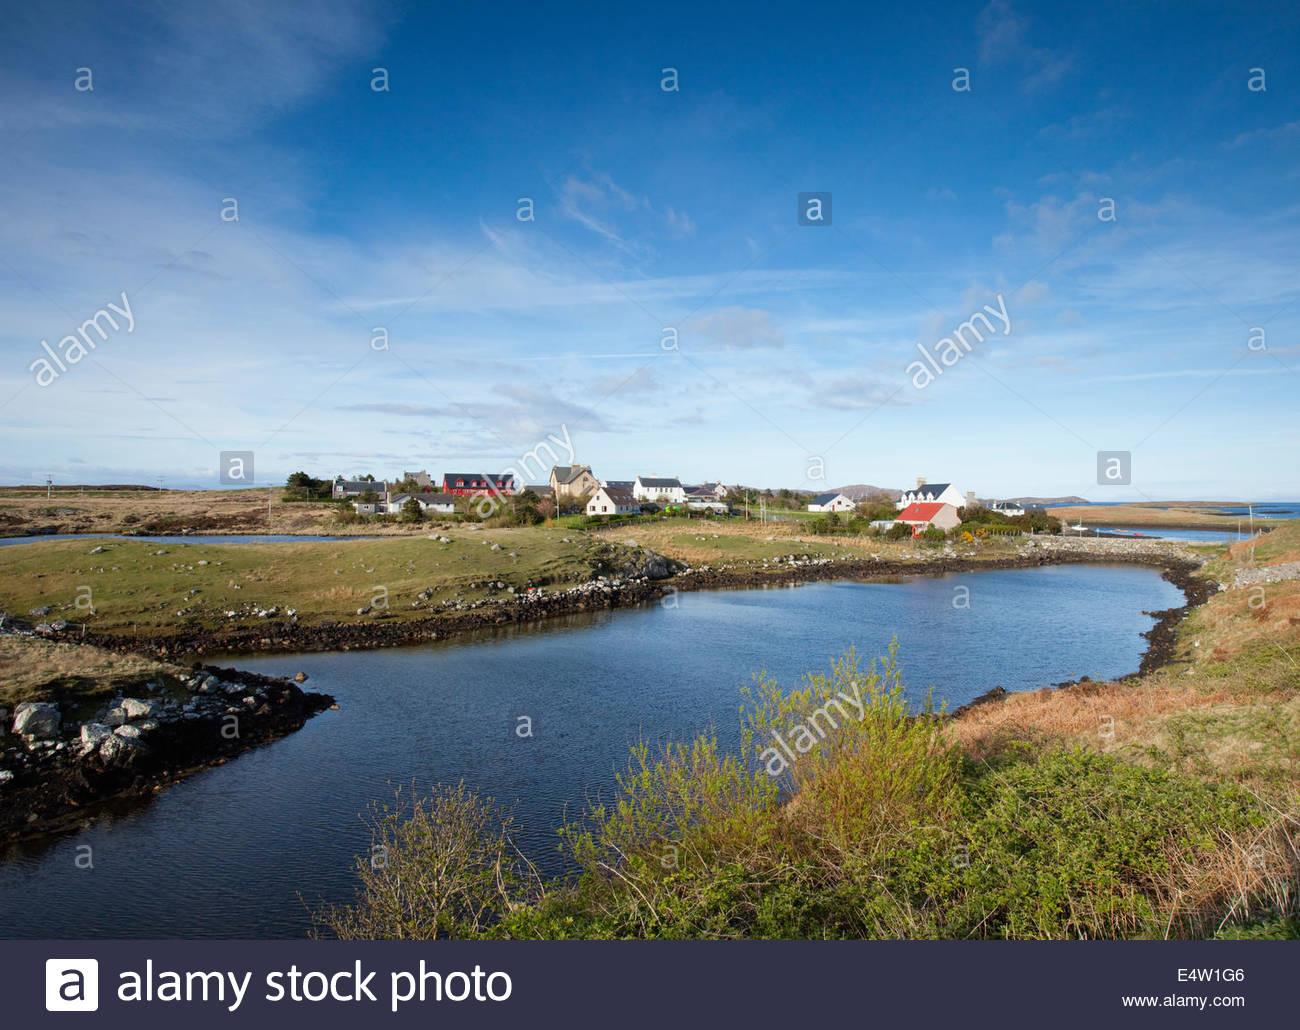 Auf Lochmaddy, das administrative Zentrum und Fährhafen auf der Küste von North Uist, äußeren Hebriden, Schottland. Stockfoto